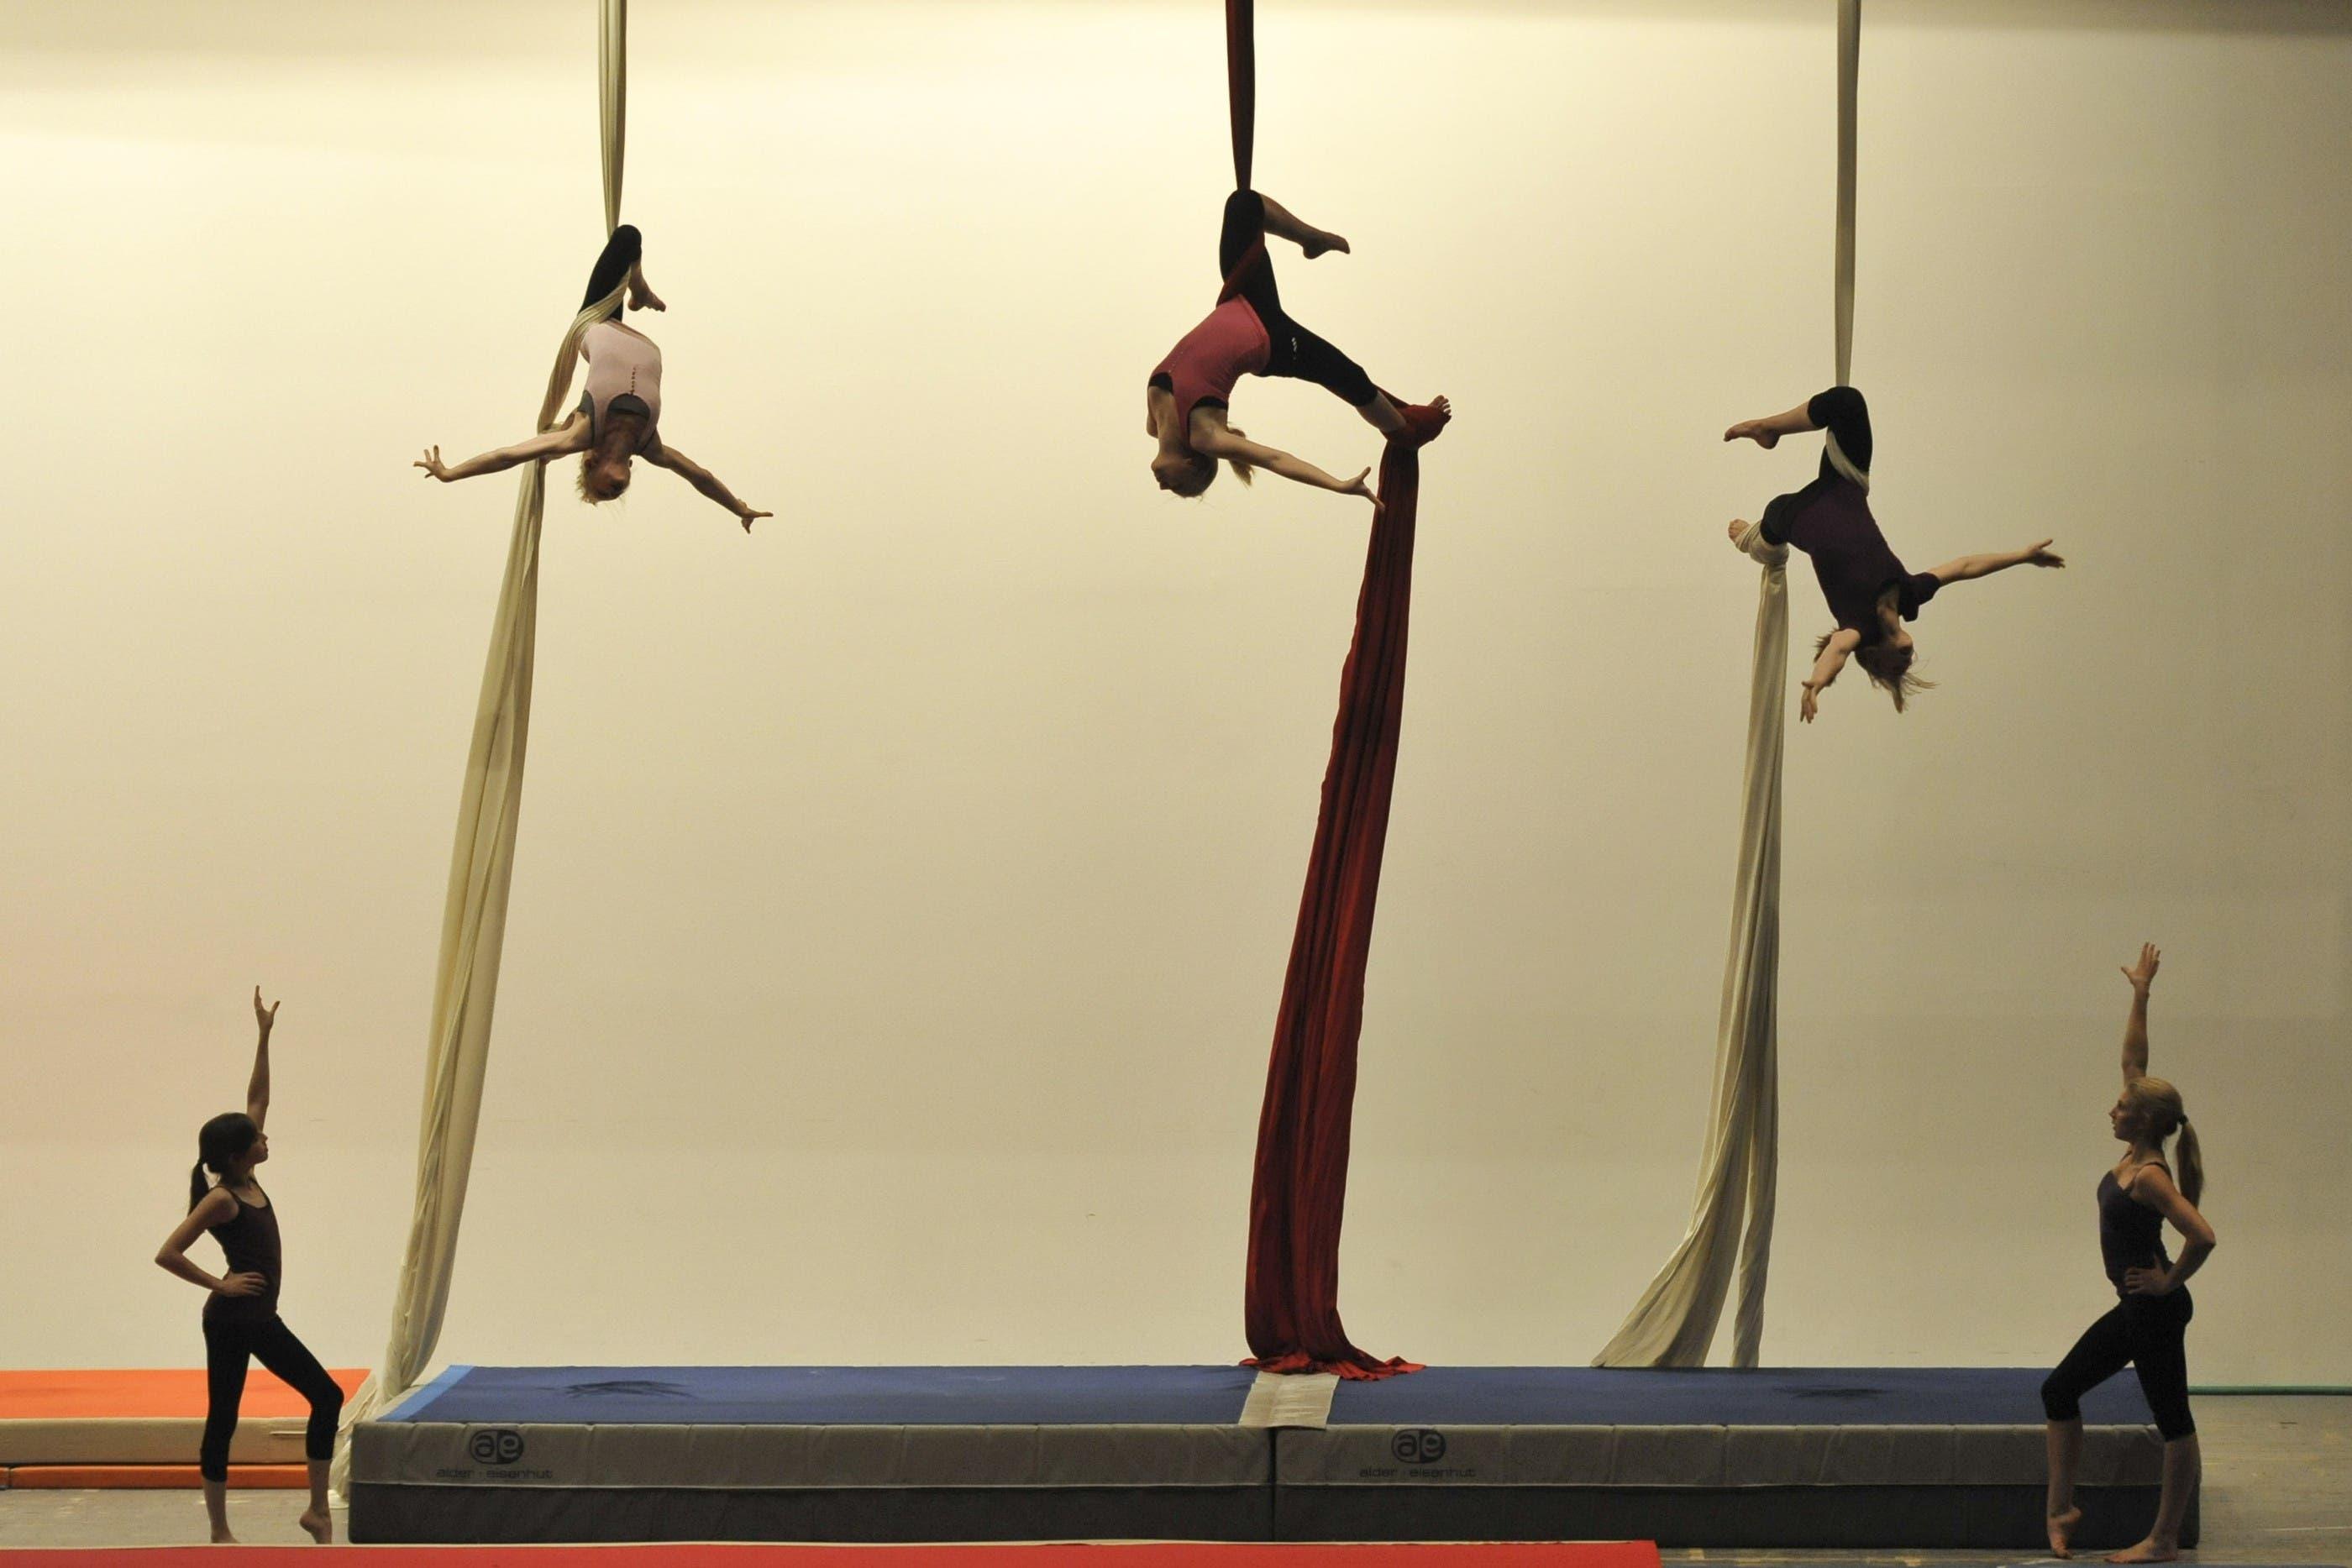 Die Kunstturnerinnen des BTV bis 16 Jahre zeigen Akrobatisches am Vertikaltuch und auf den Klassischen Turngeraeten.